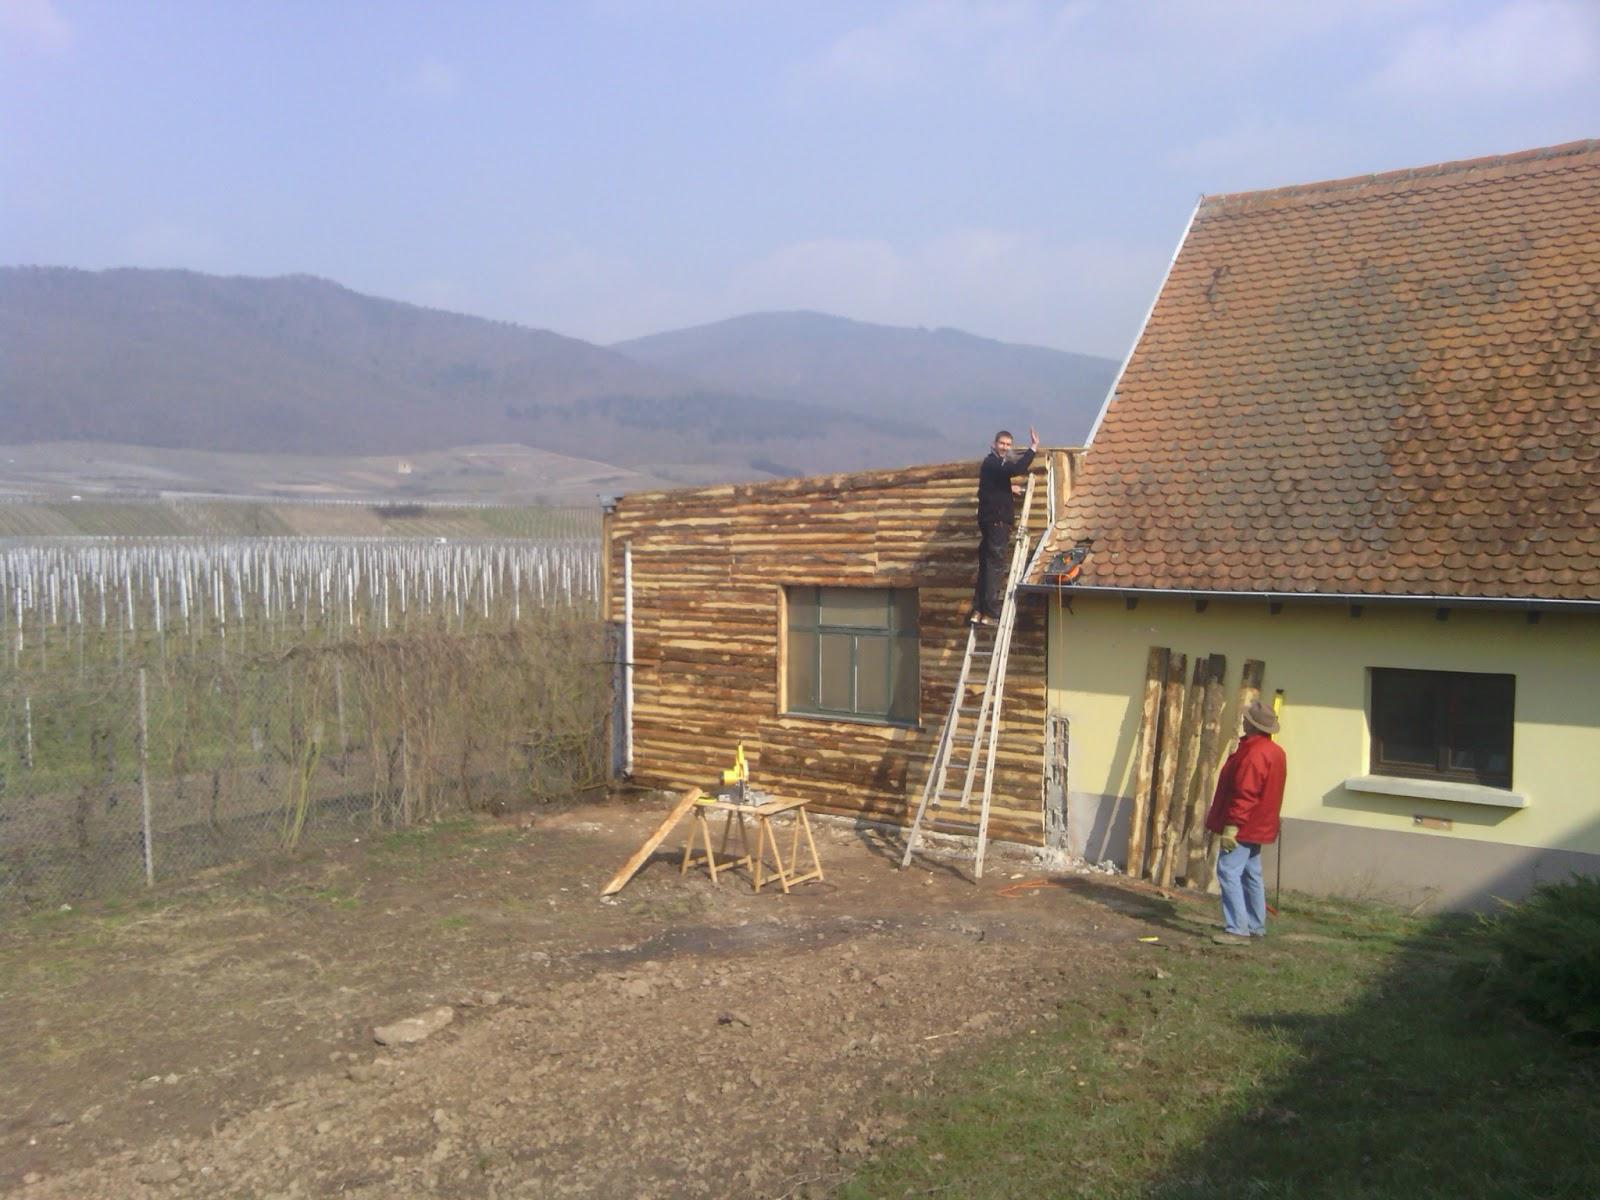 Comment attacher un rosier liane sur un mur en bois au jardin forum de ja - Comment fixer un rosier grimpant au mur ...